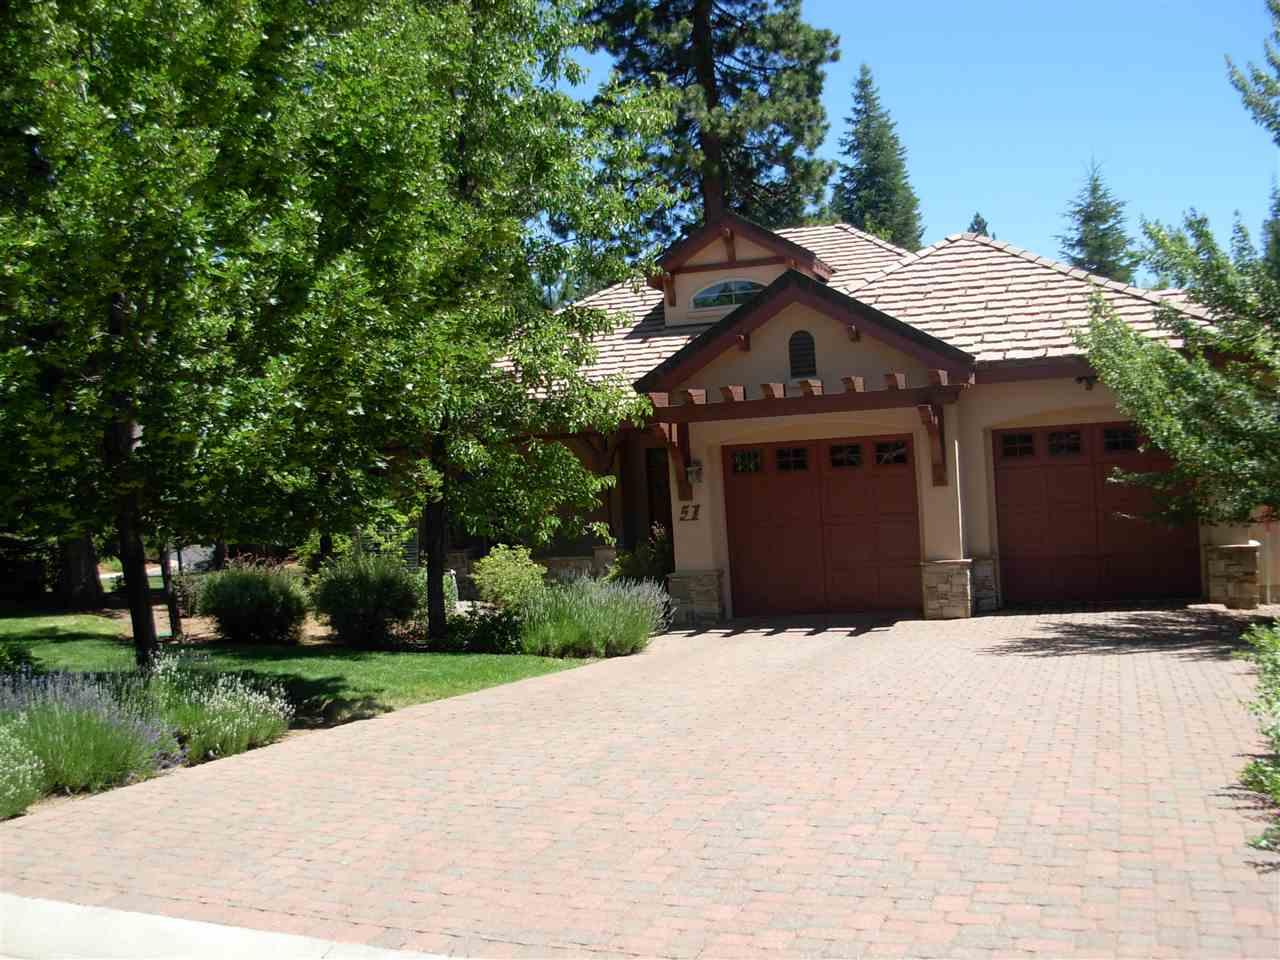 51 Silver Pine Road, Lake Almanor, CA 96137